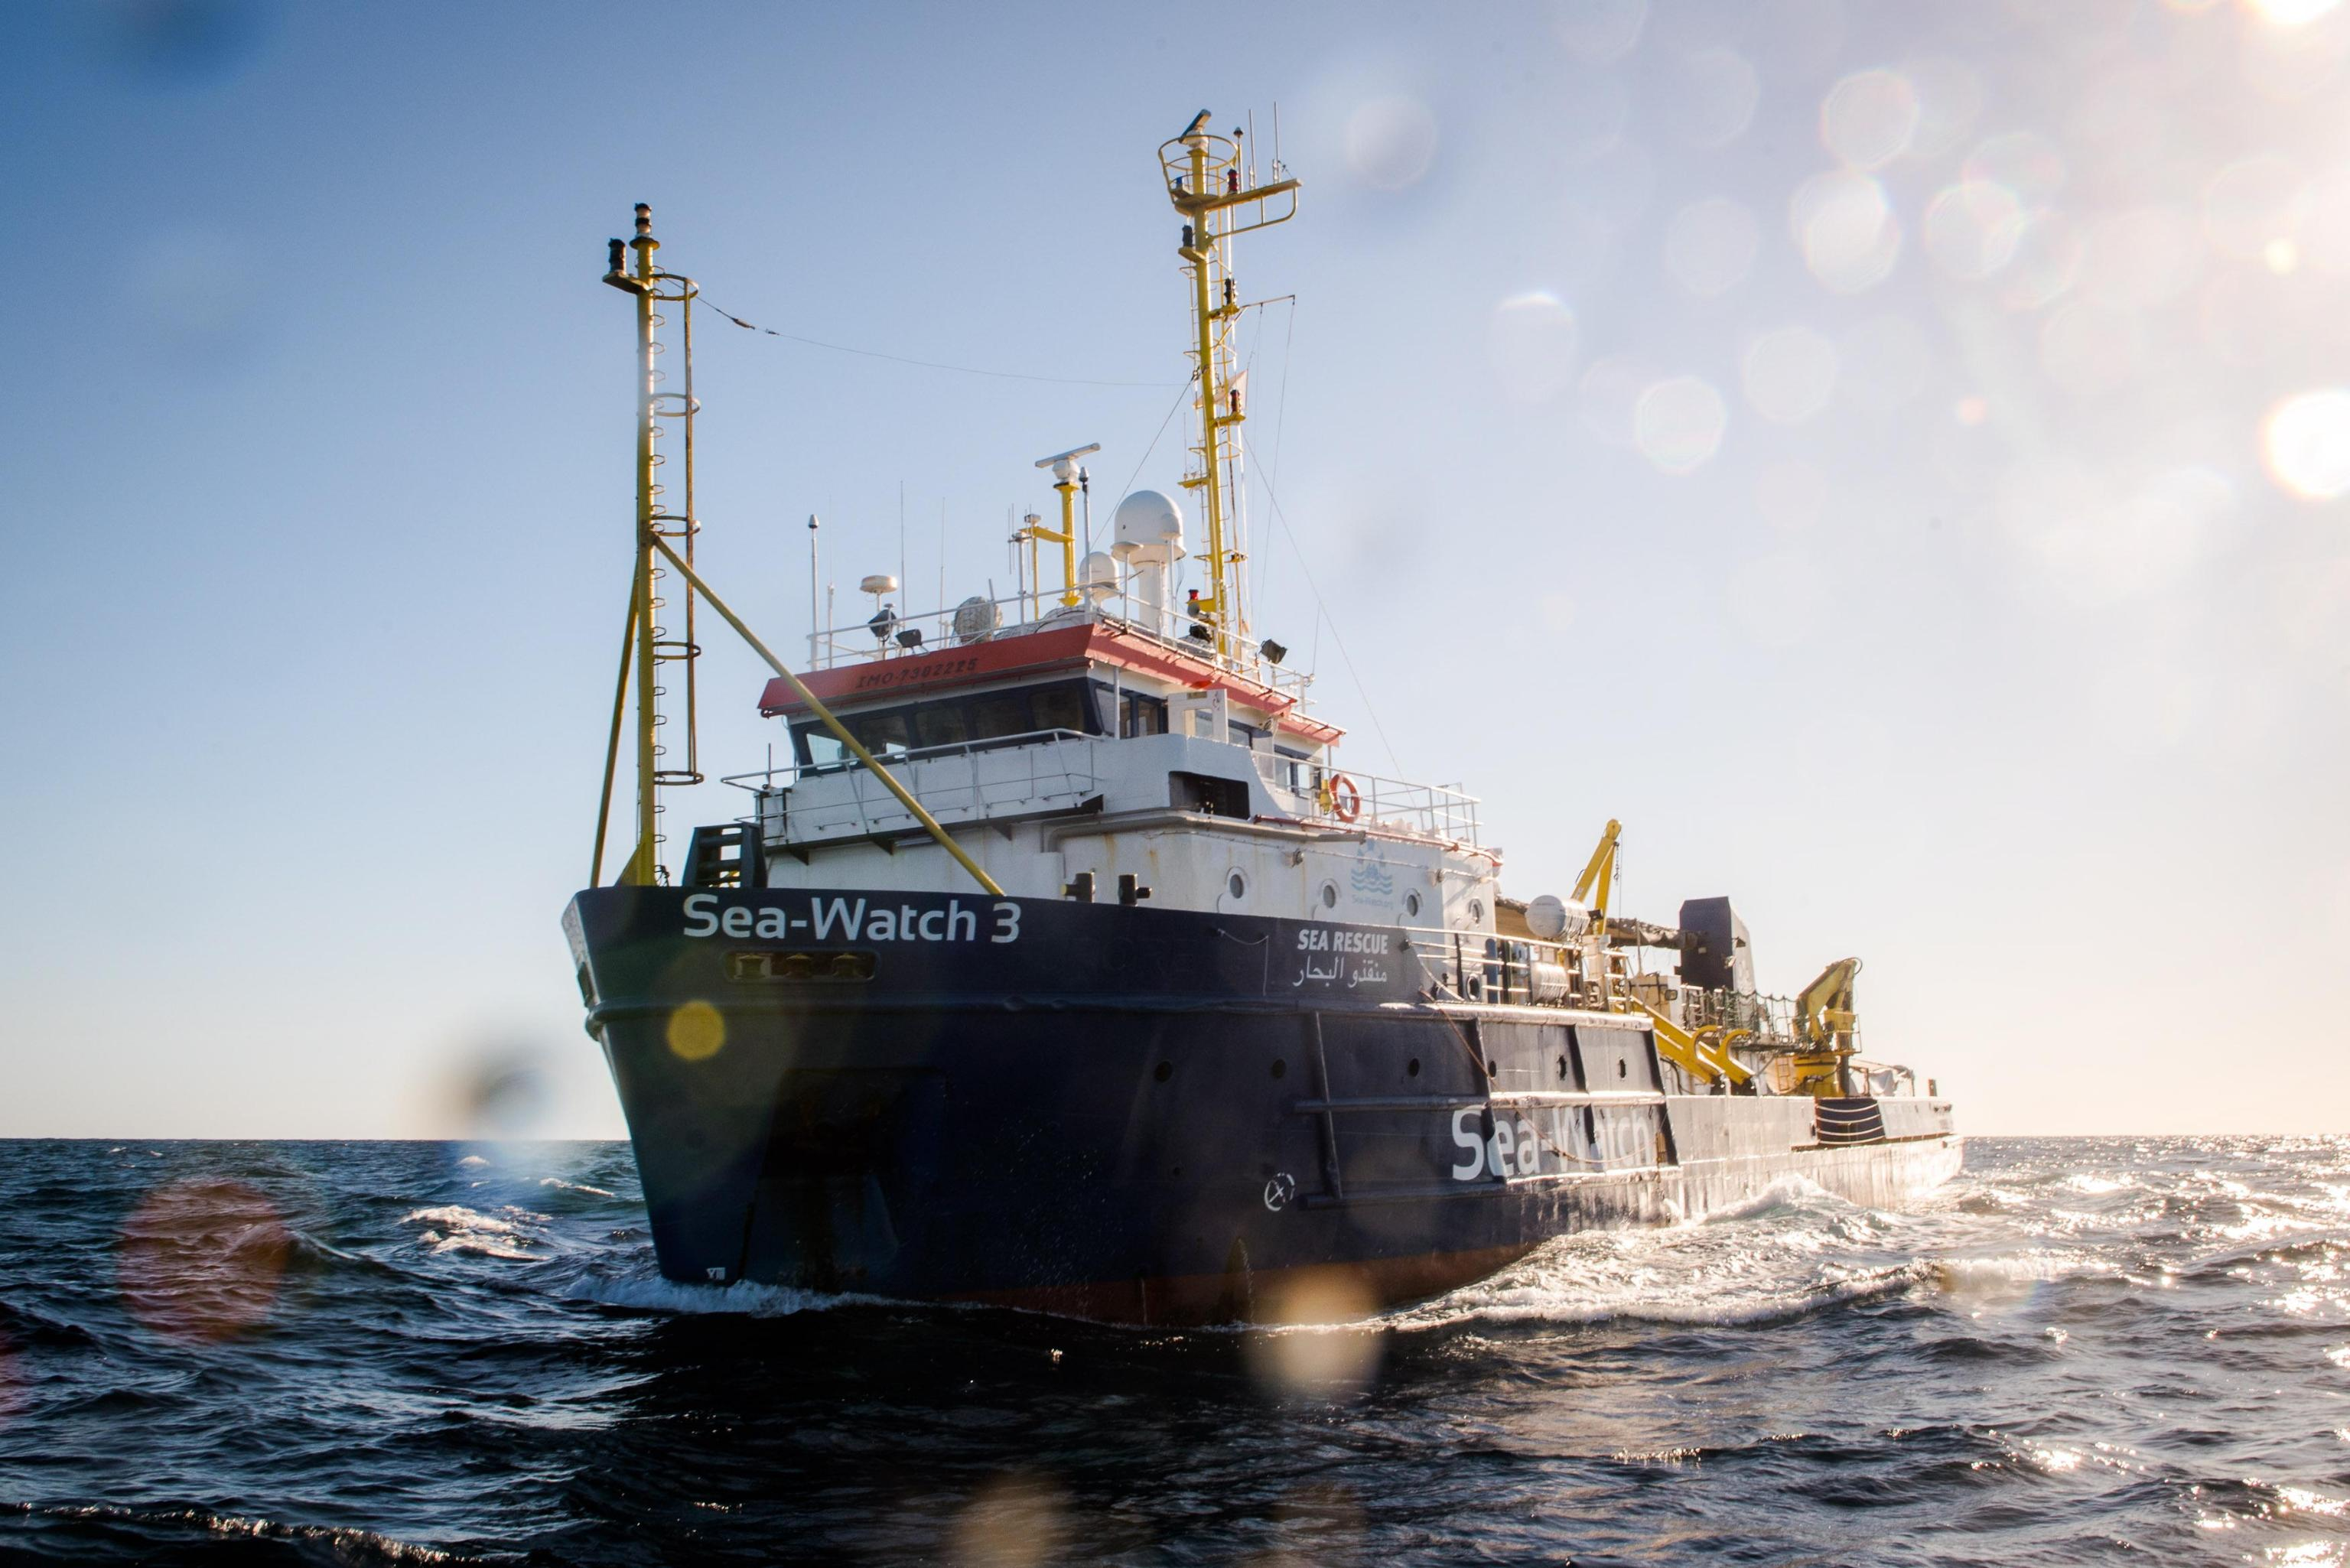 Sea Wacht, Malta dice sì allo sbarco: migranti in 8 paesi tra cui l'Italia